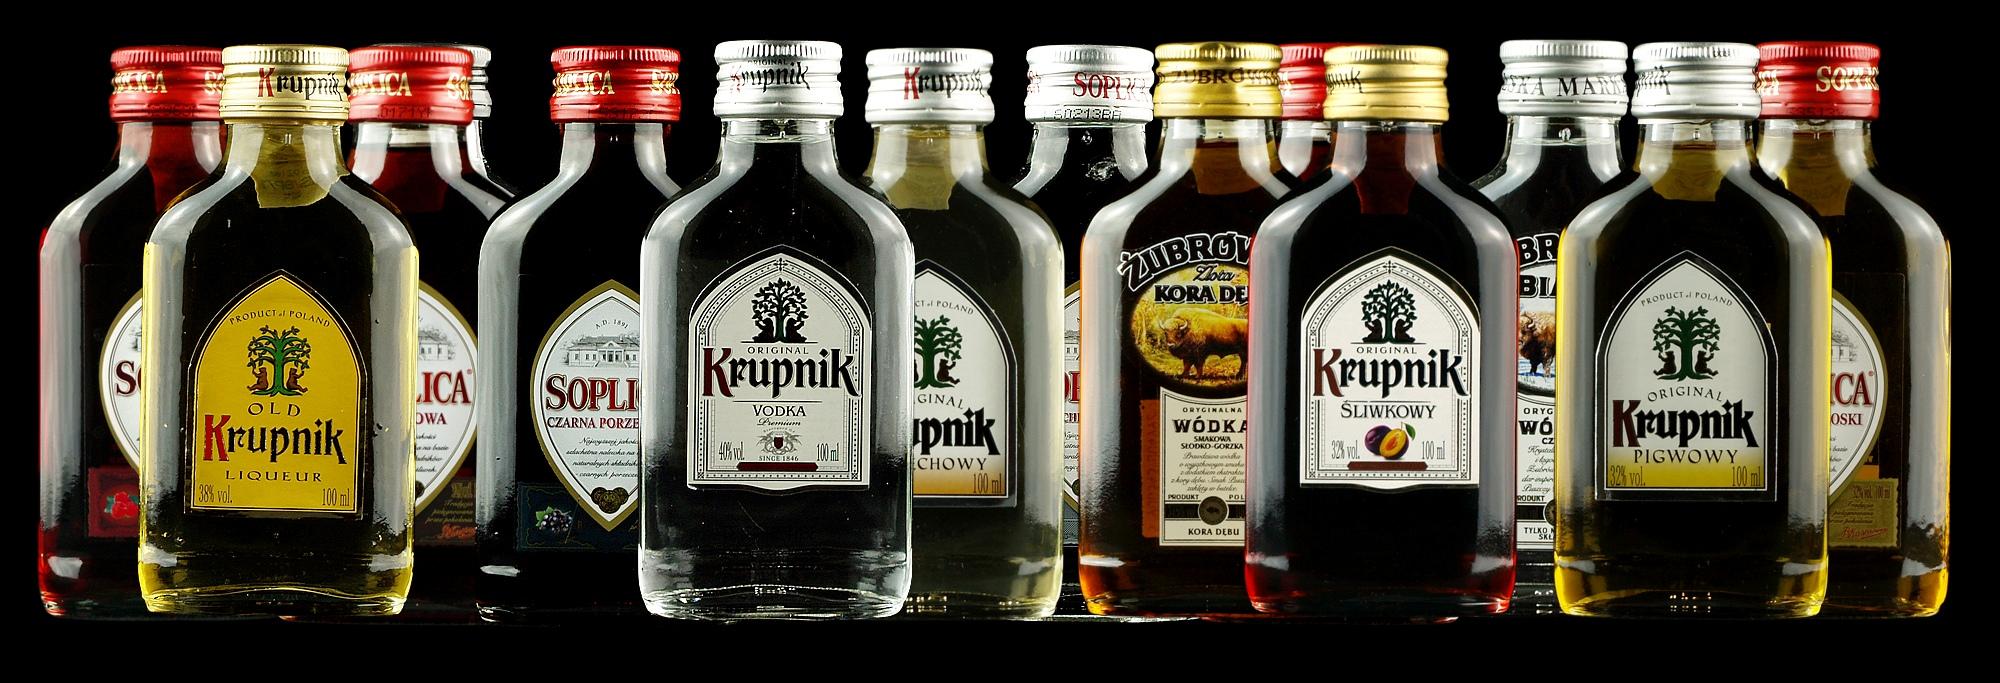 Polnischer Wodka vs. russischer Wodka